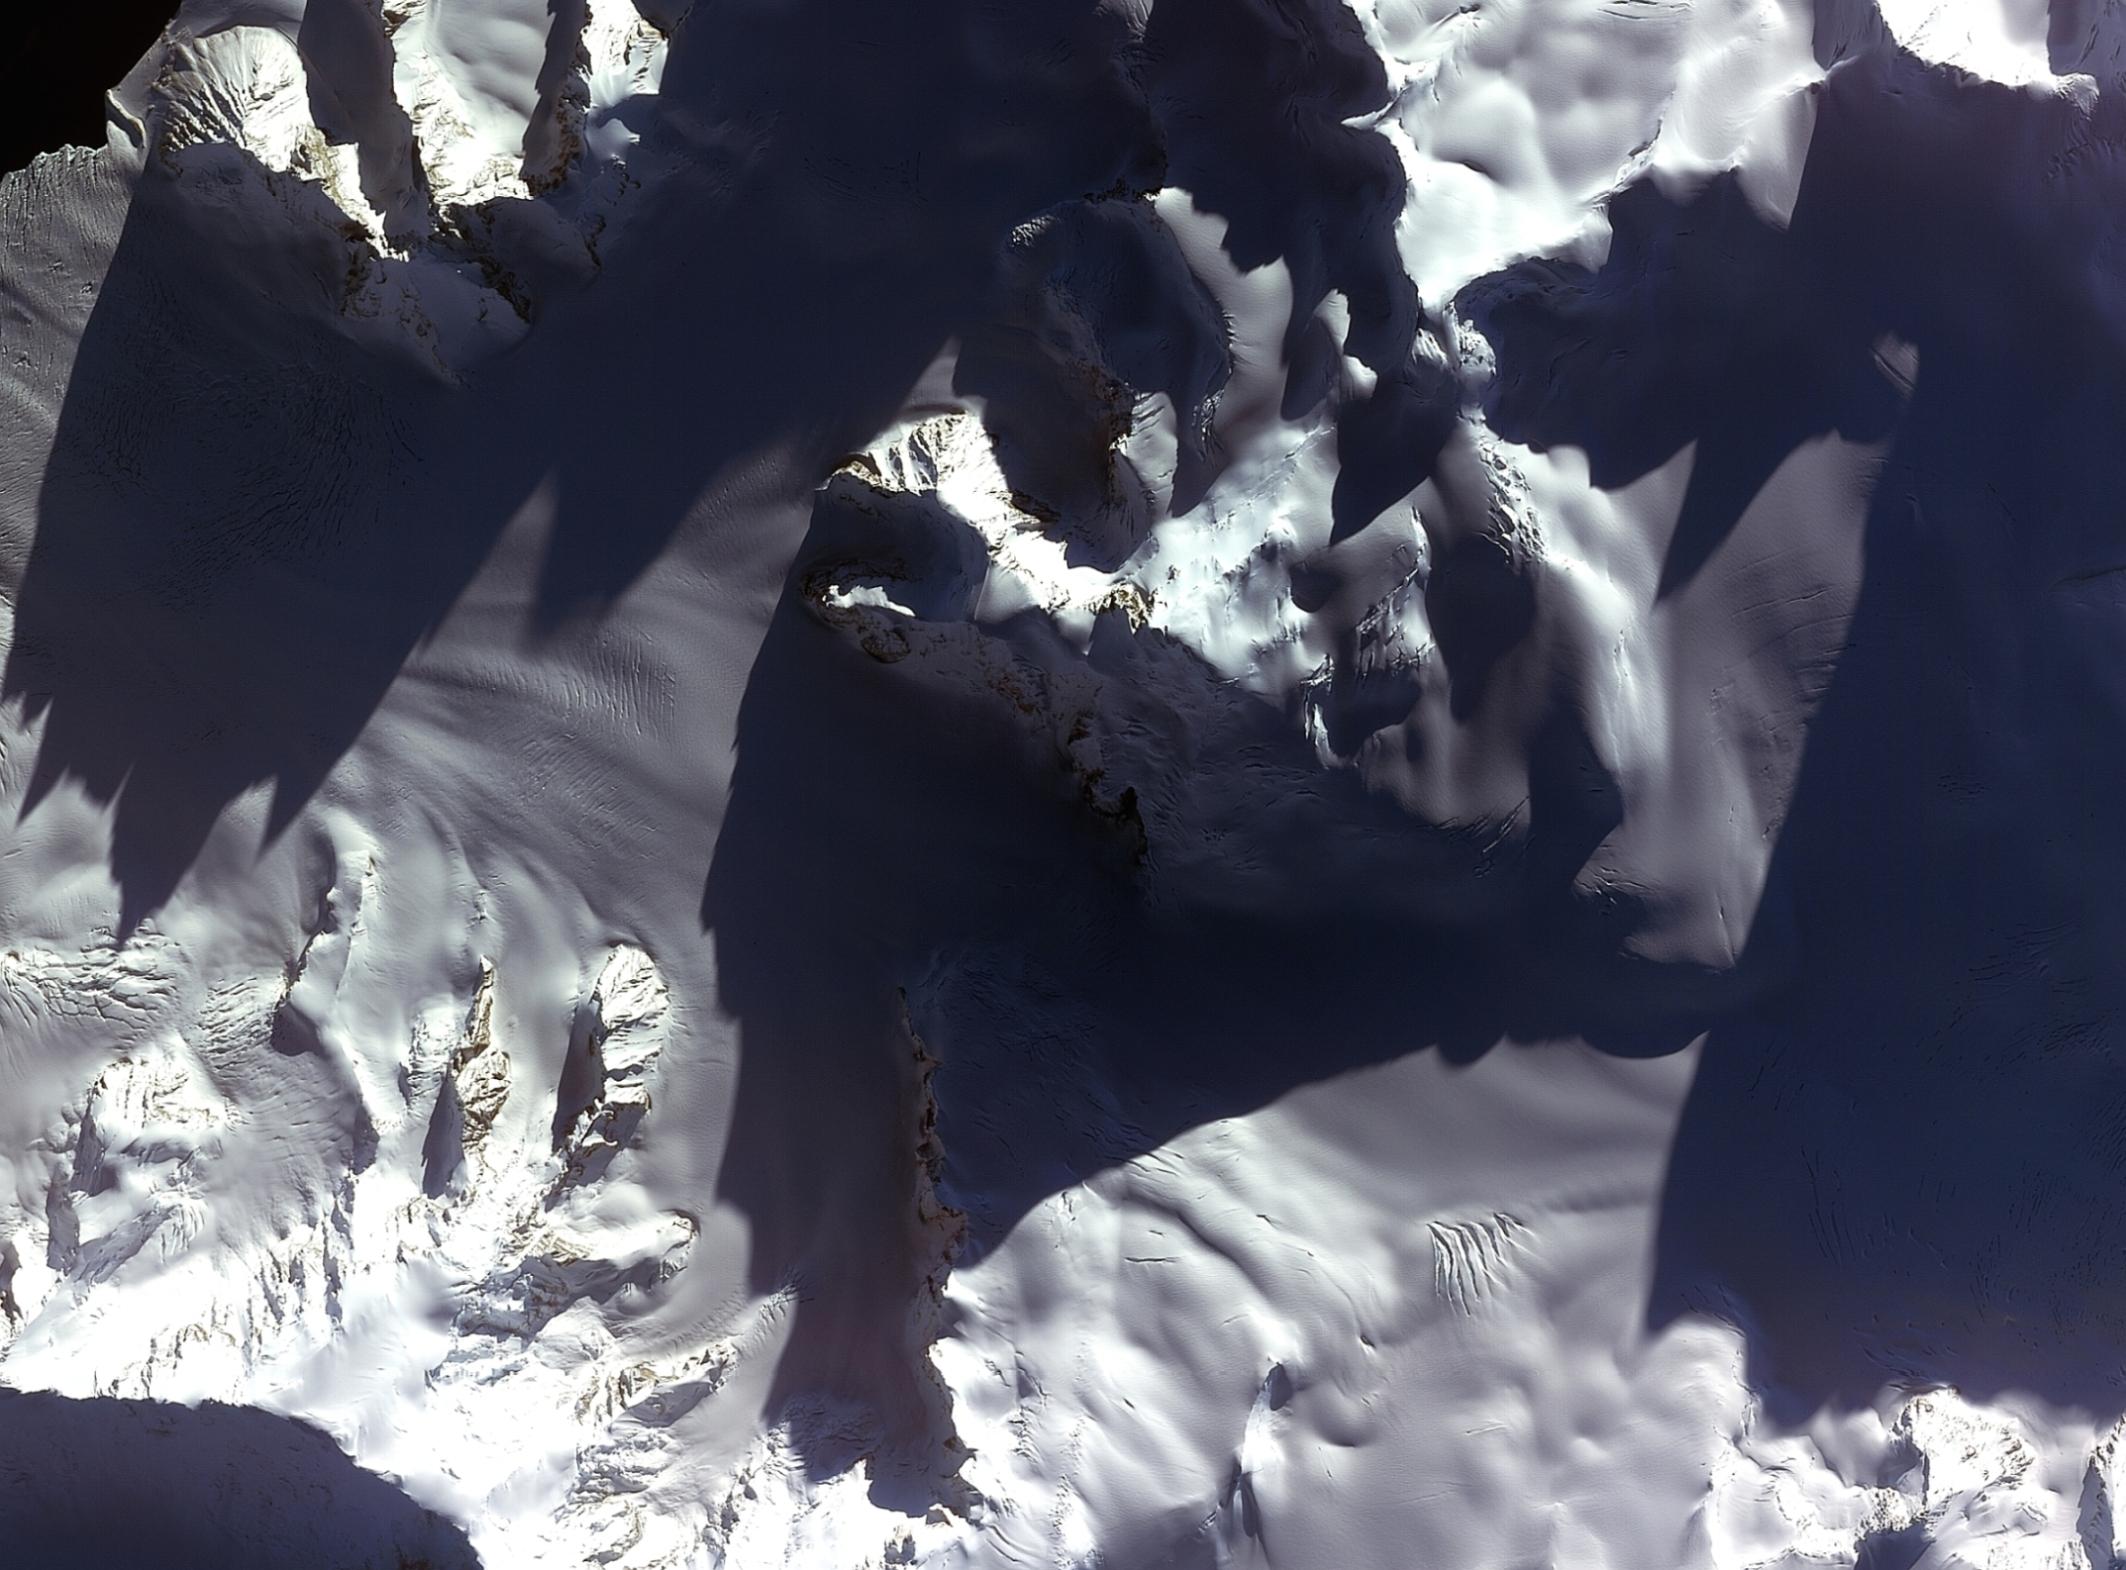 Göktürk-2 Antarktika 26 & 29 Nisan 2017